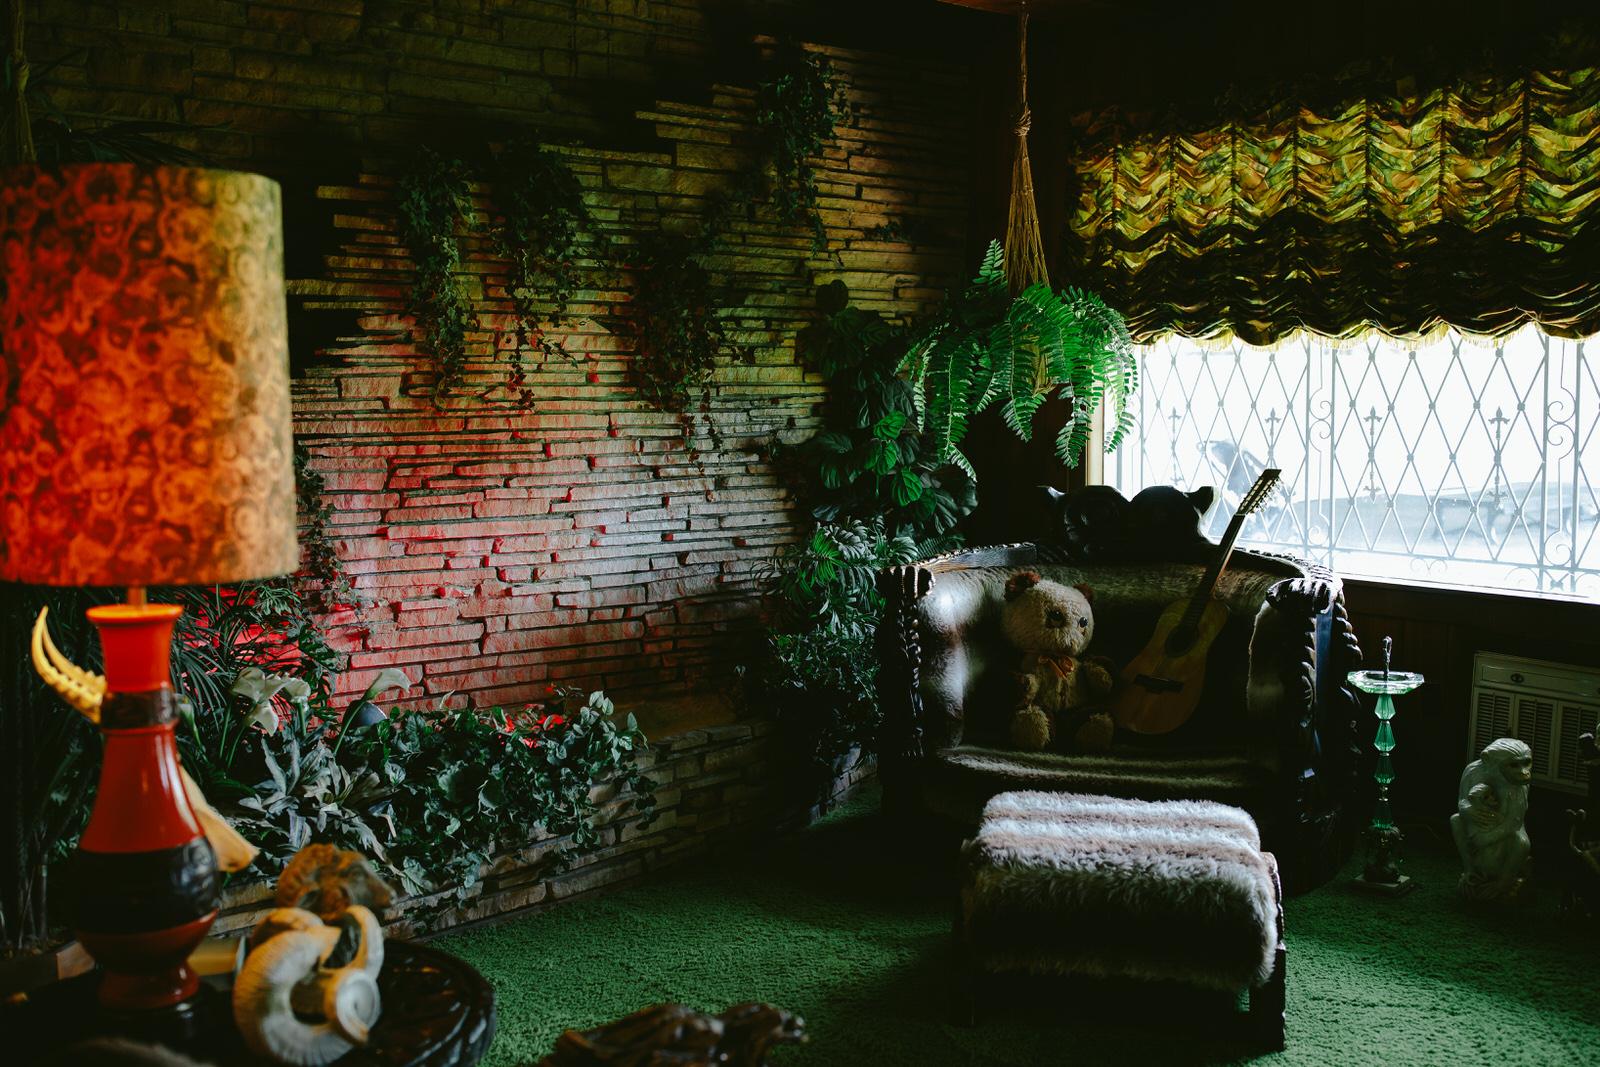 nashville-memphis-siesta-key-vacation-tiny-house-photo-22.jpg